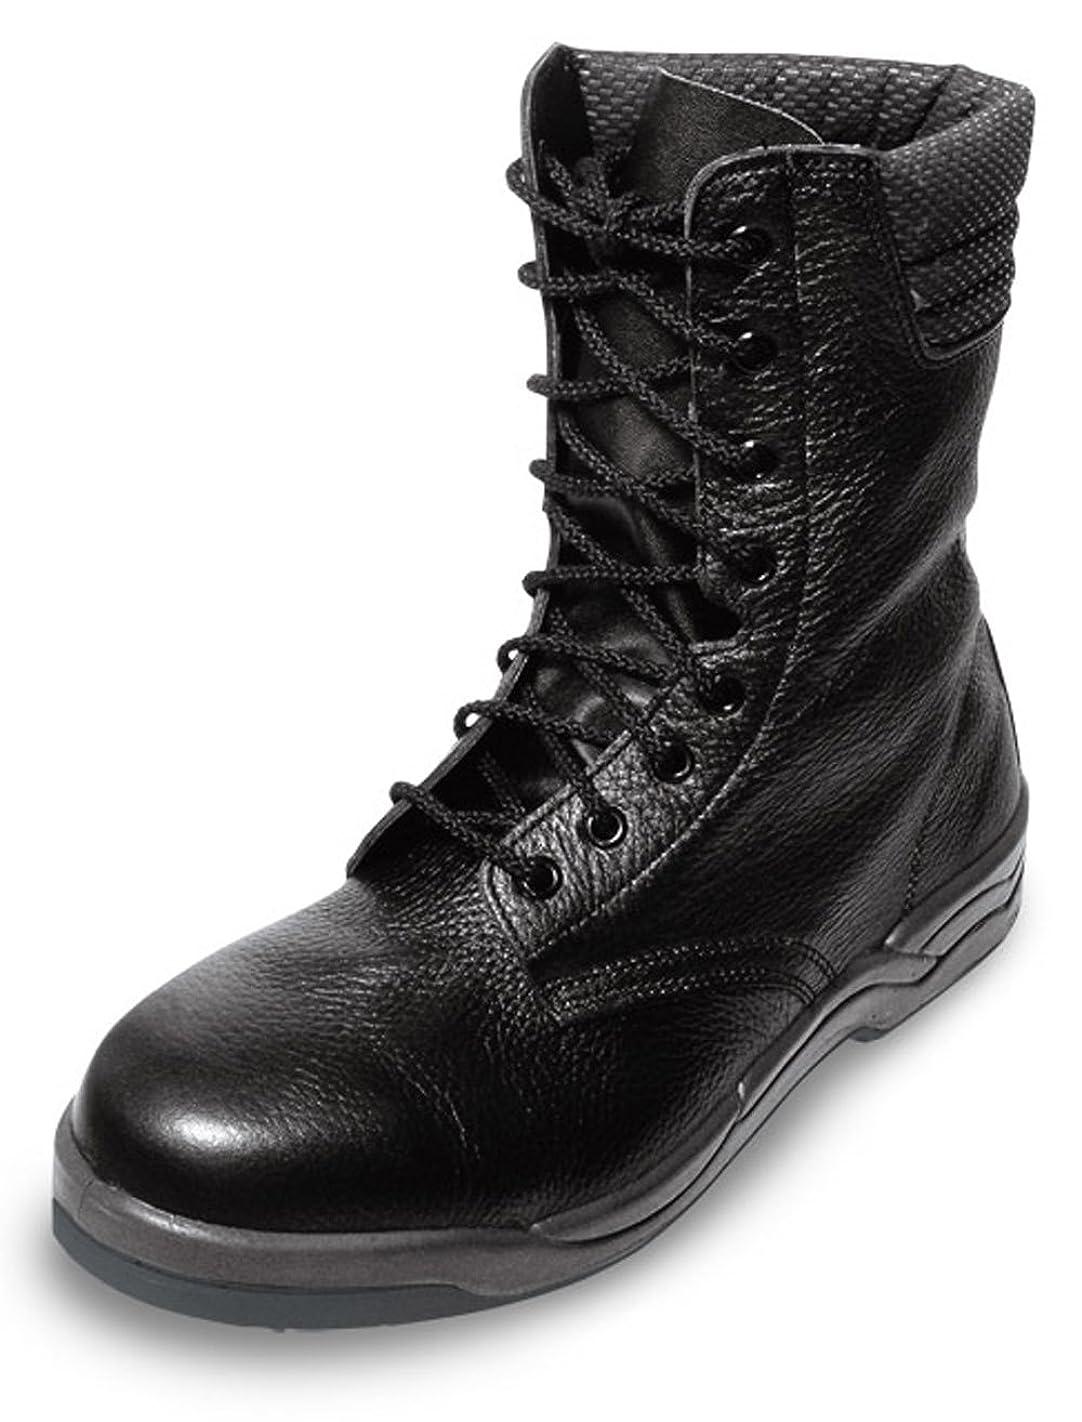 グラム敬意を表する隙間JIS規格【ウレタン2層底安全靴】 軽くて動きやすい半長編上《074-KF1077》